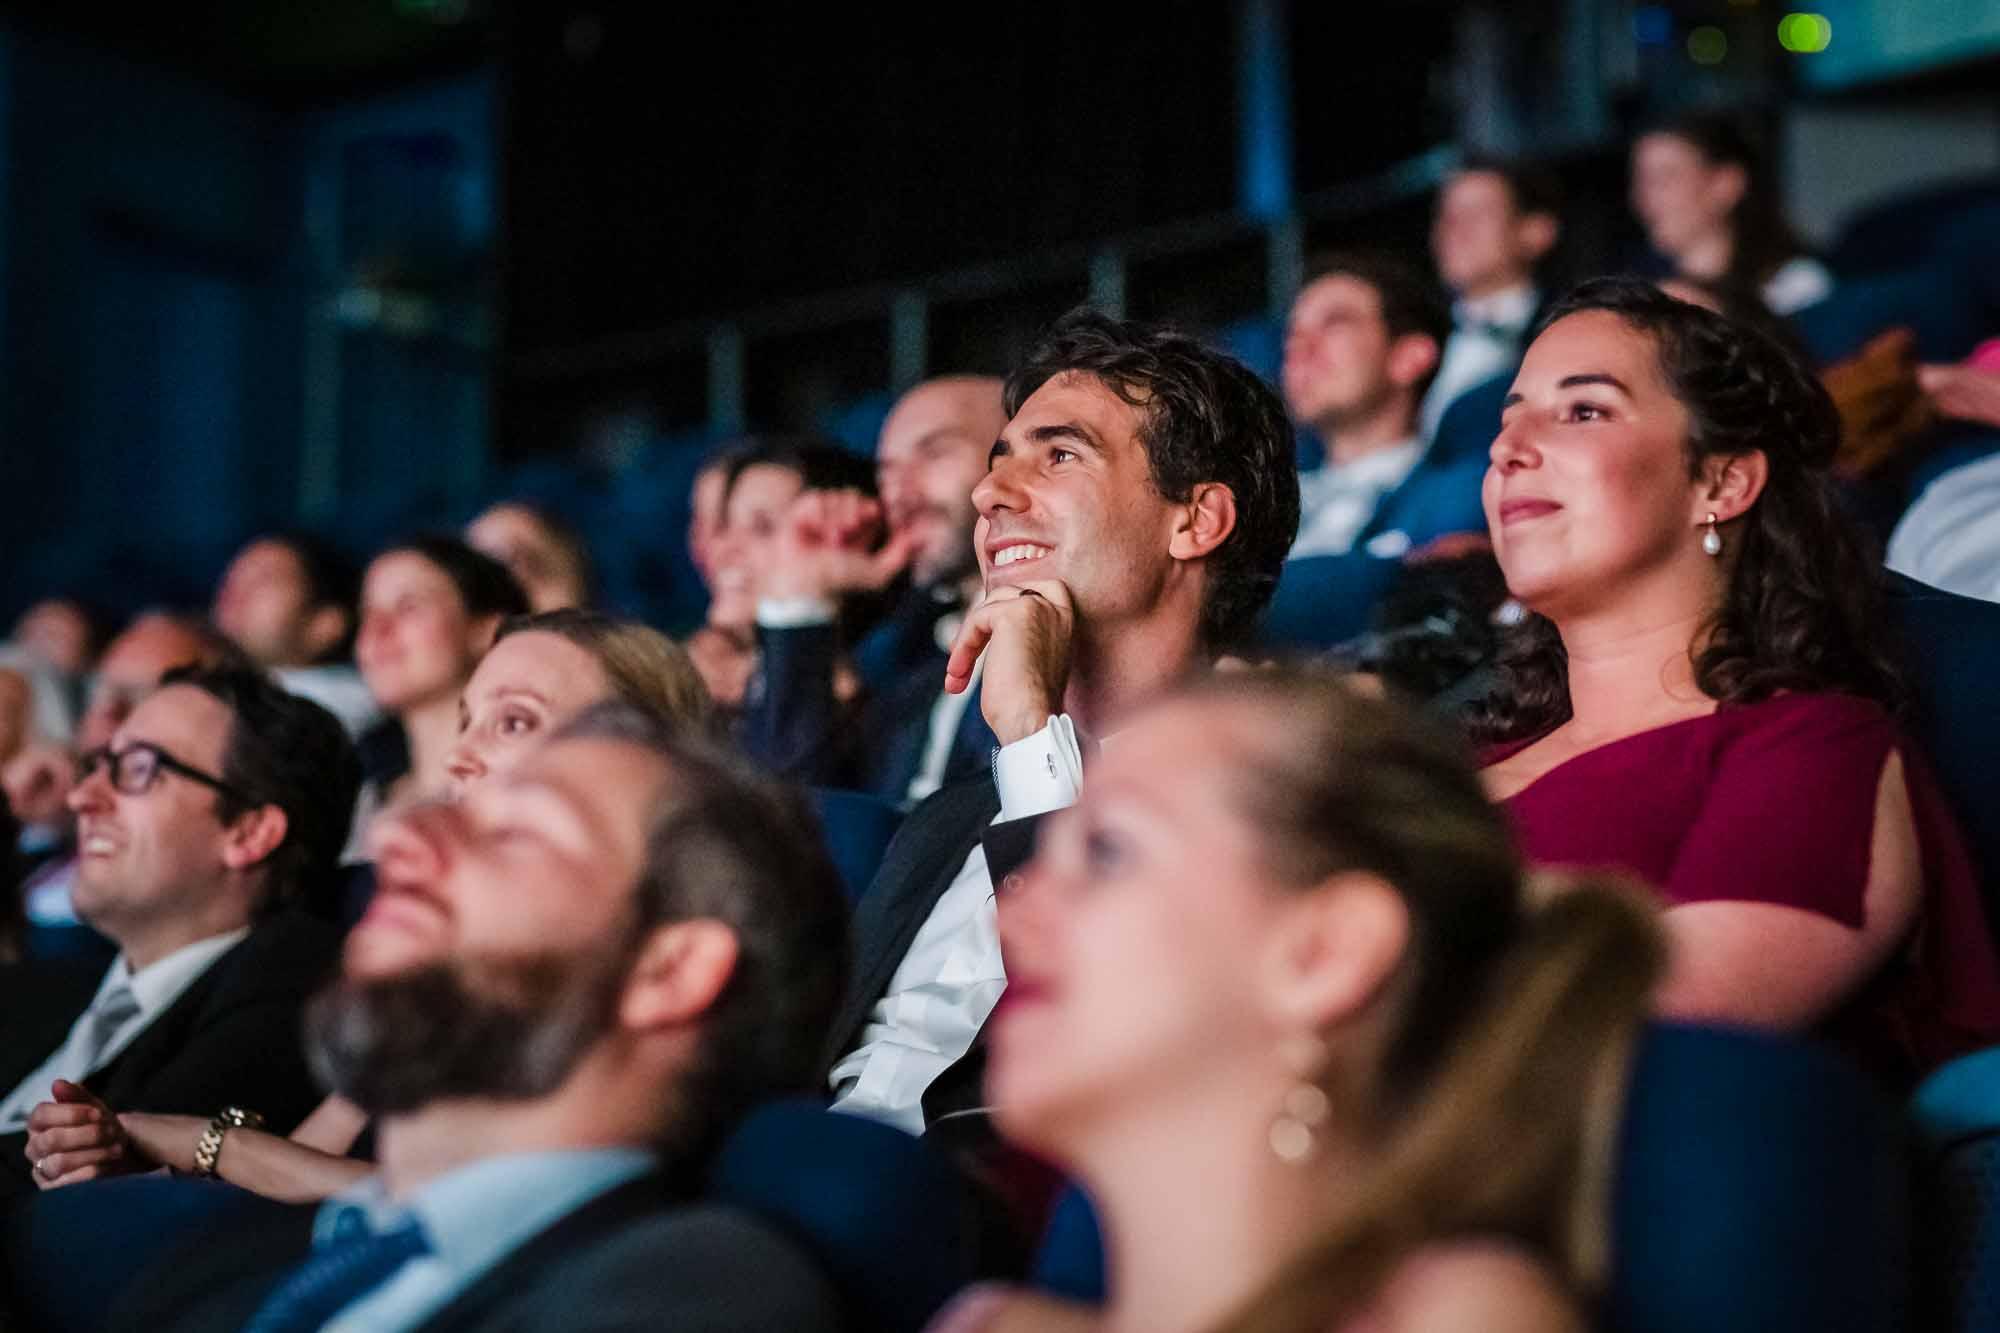 Gäste lachen während Film